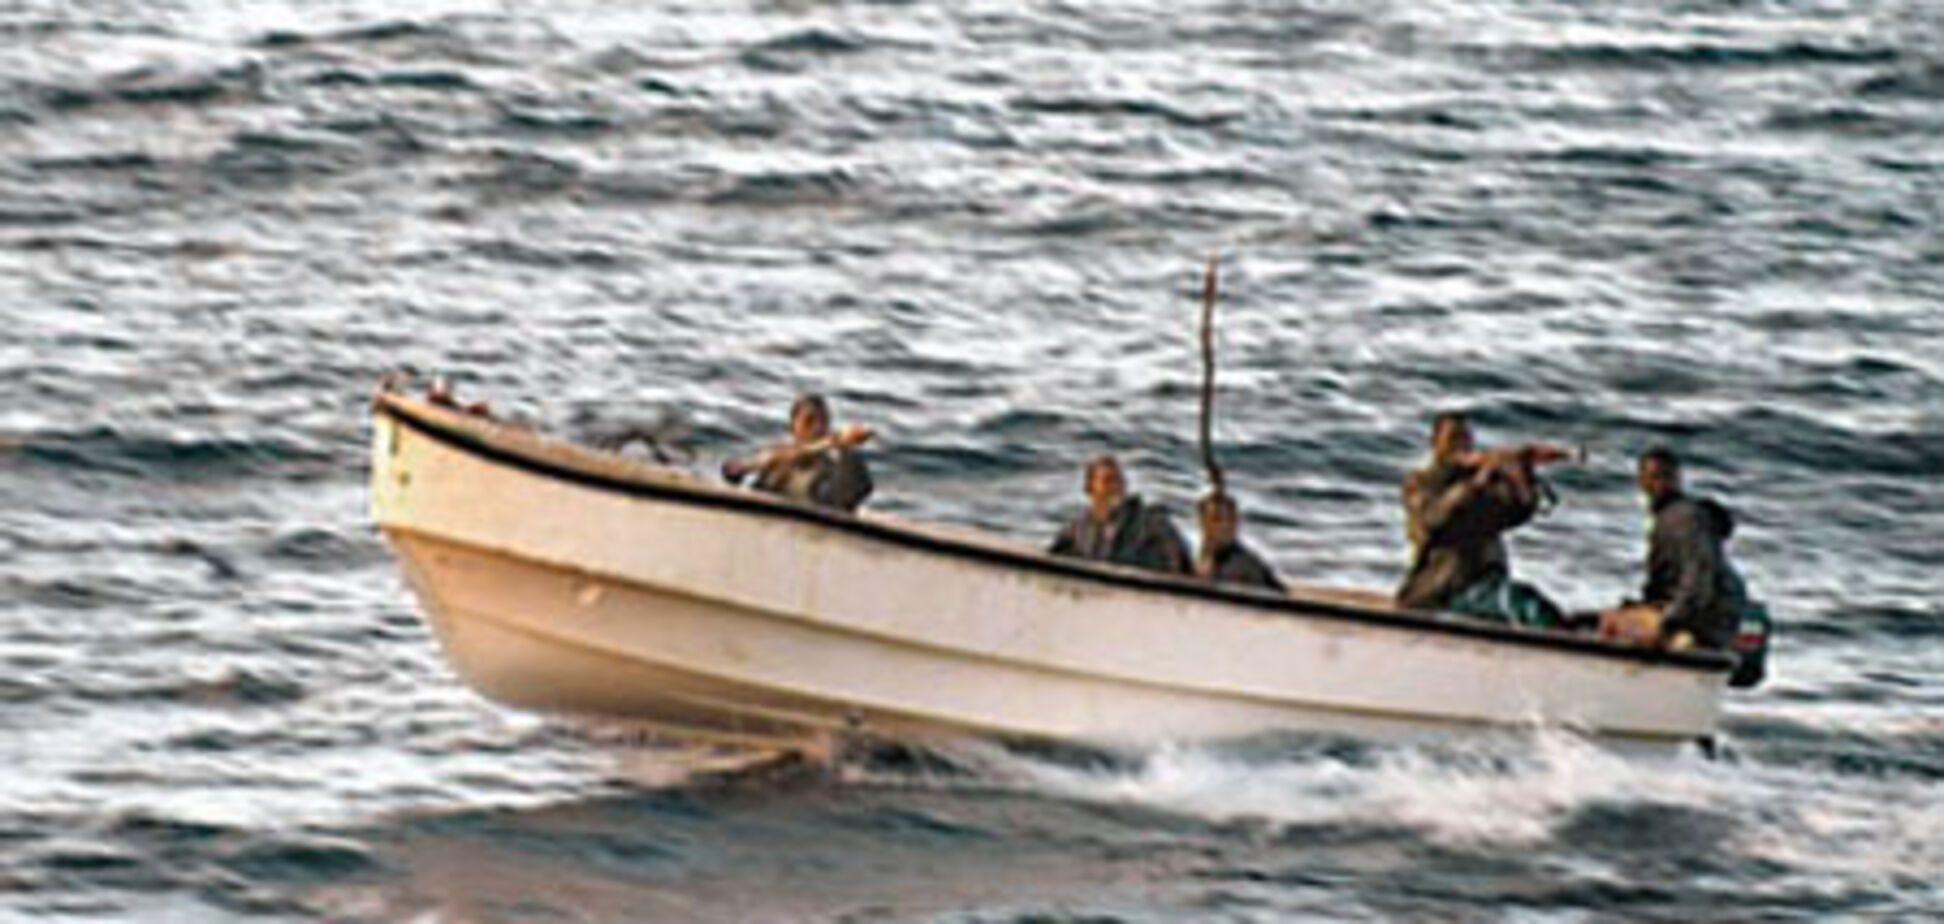 Морские пираты обошлись миру в 12 миллиардов